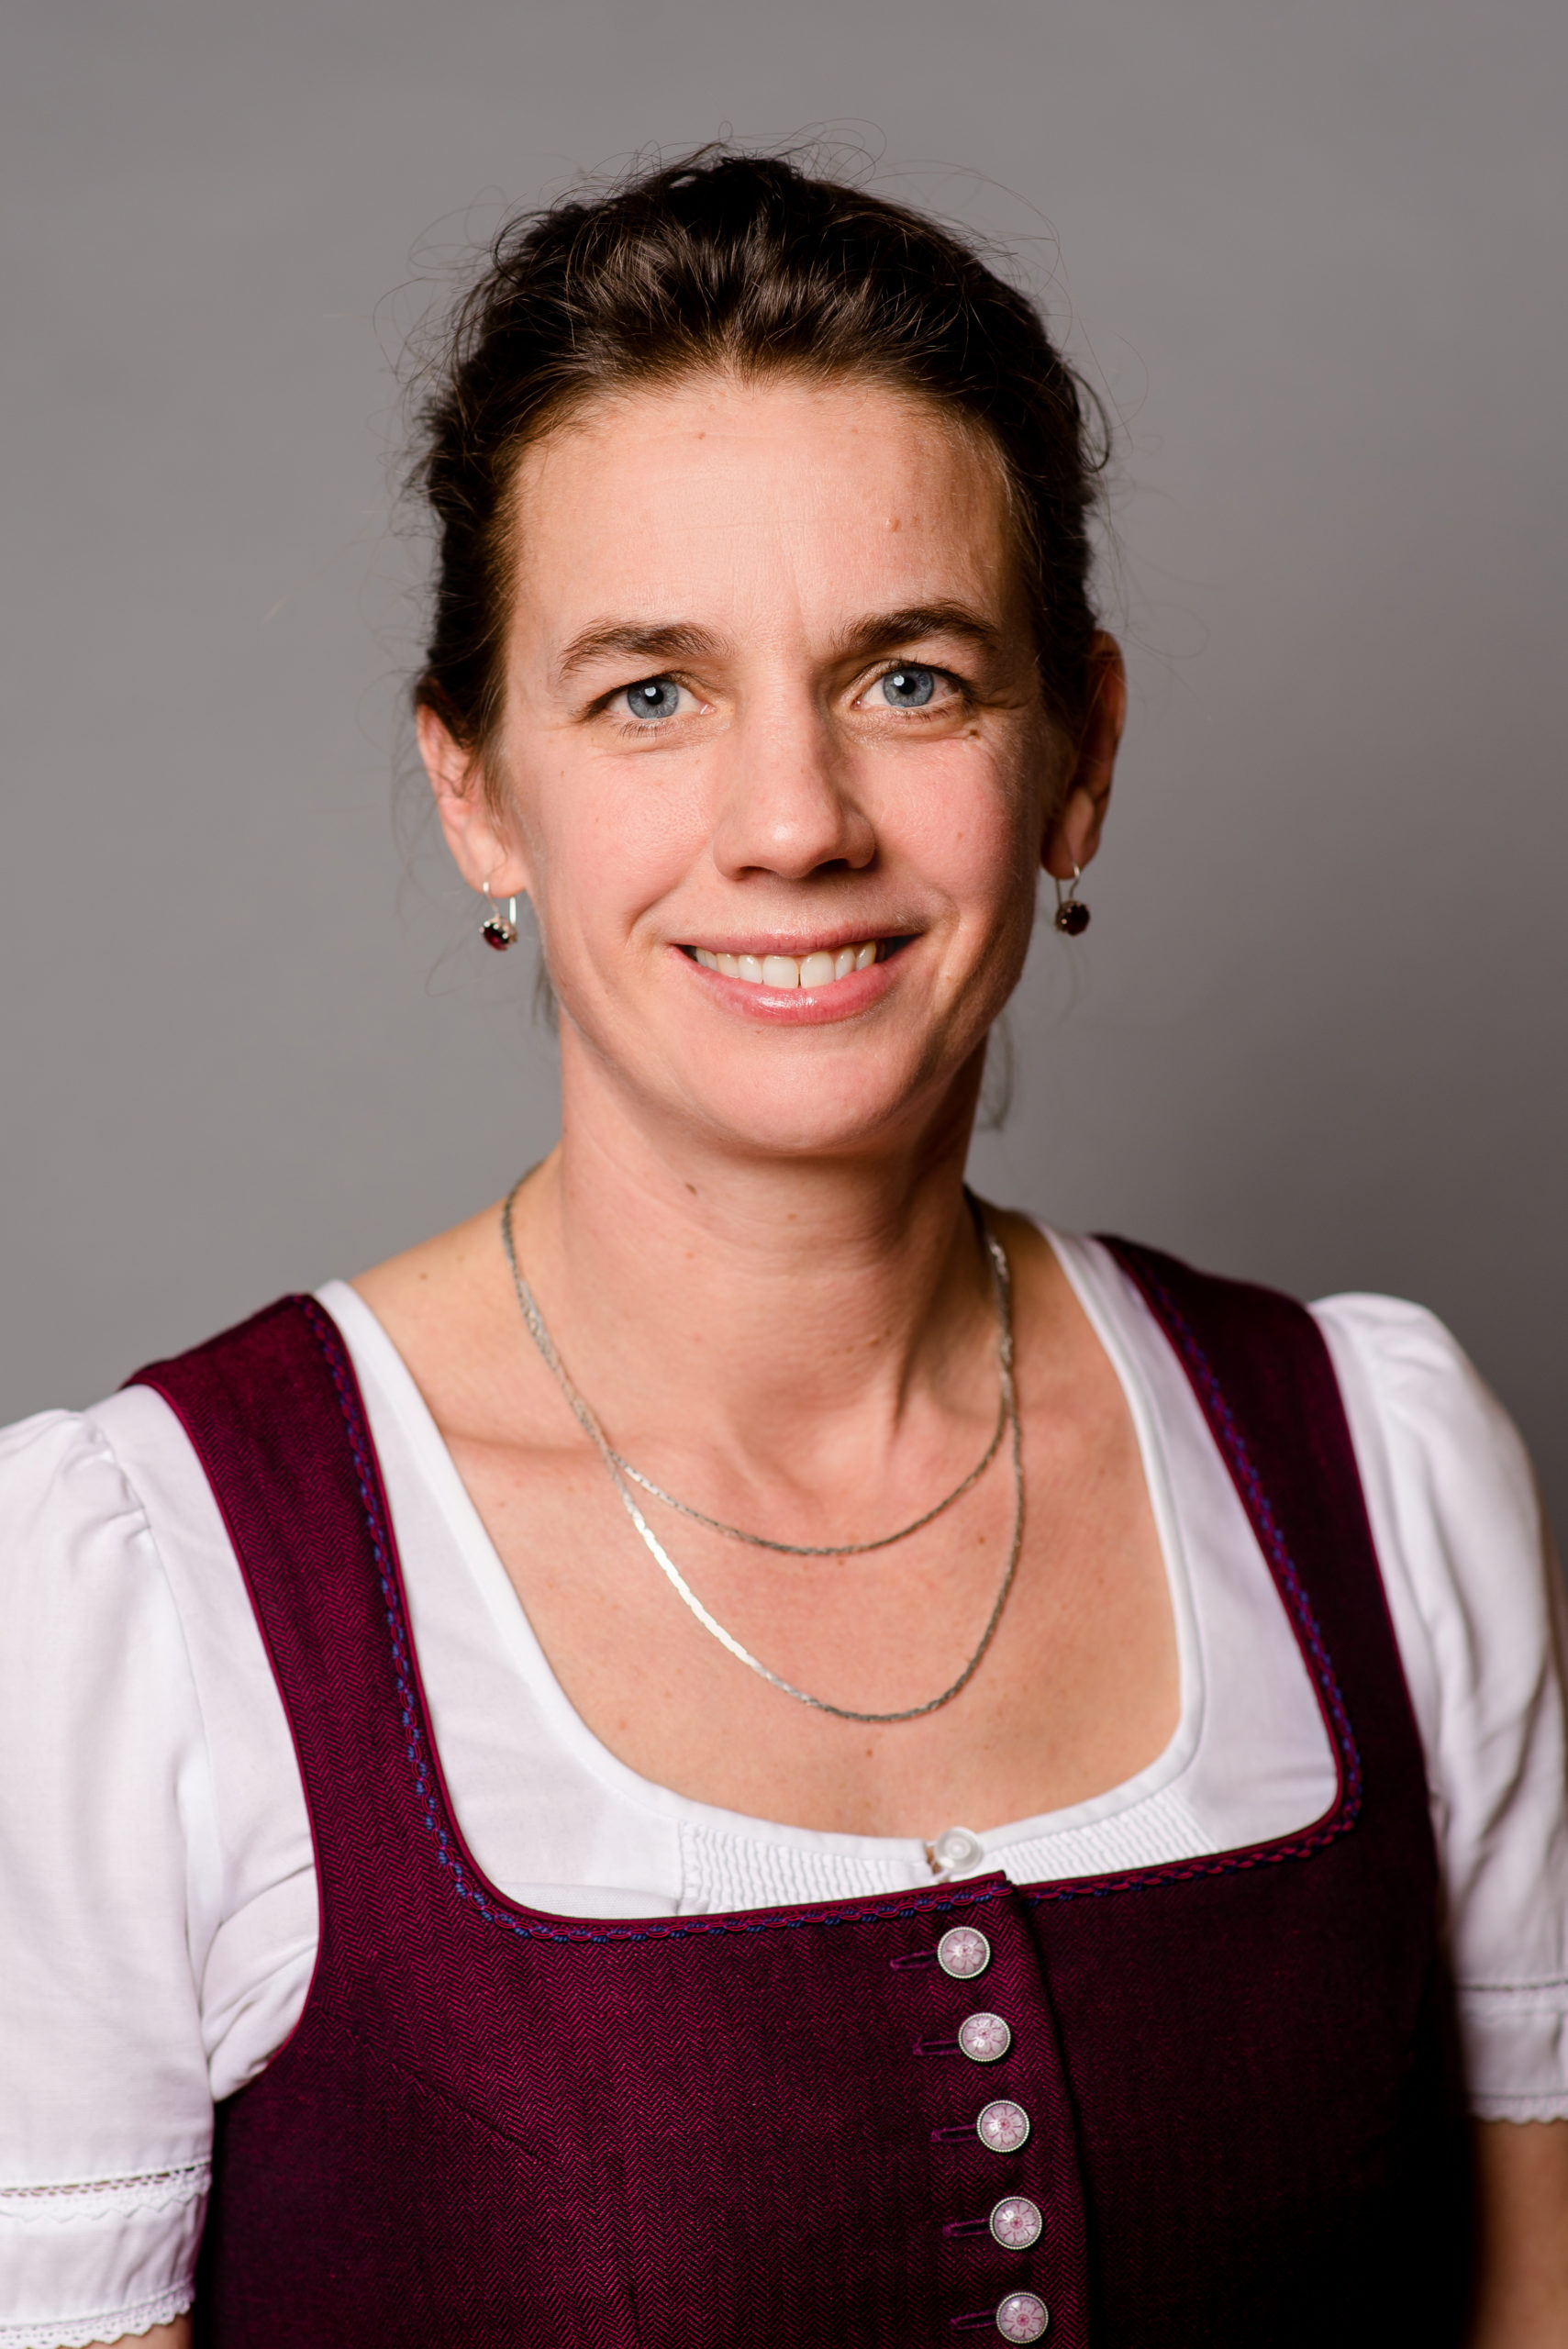 Kathleen Ellmeier